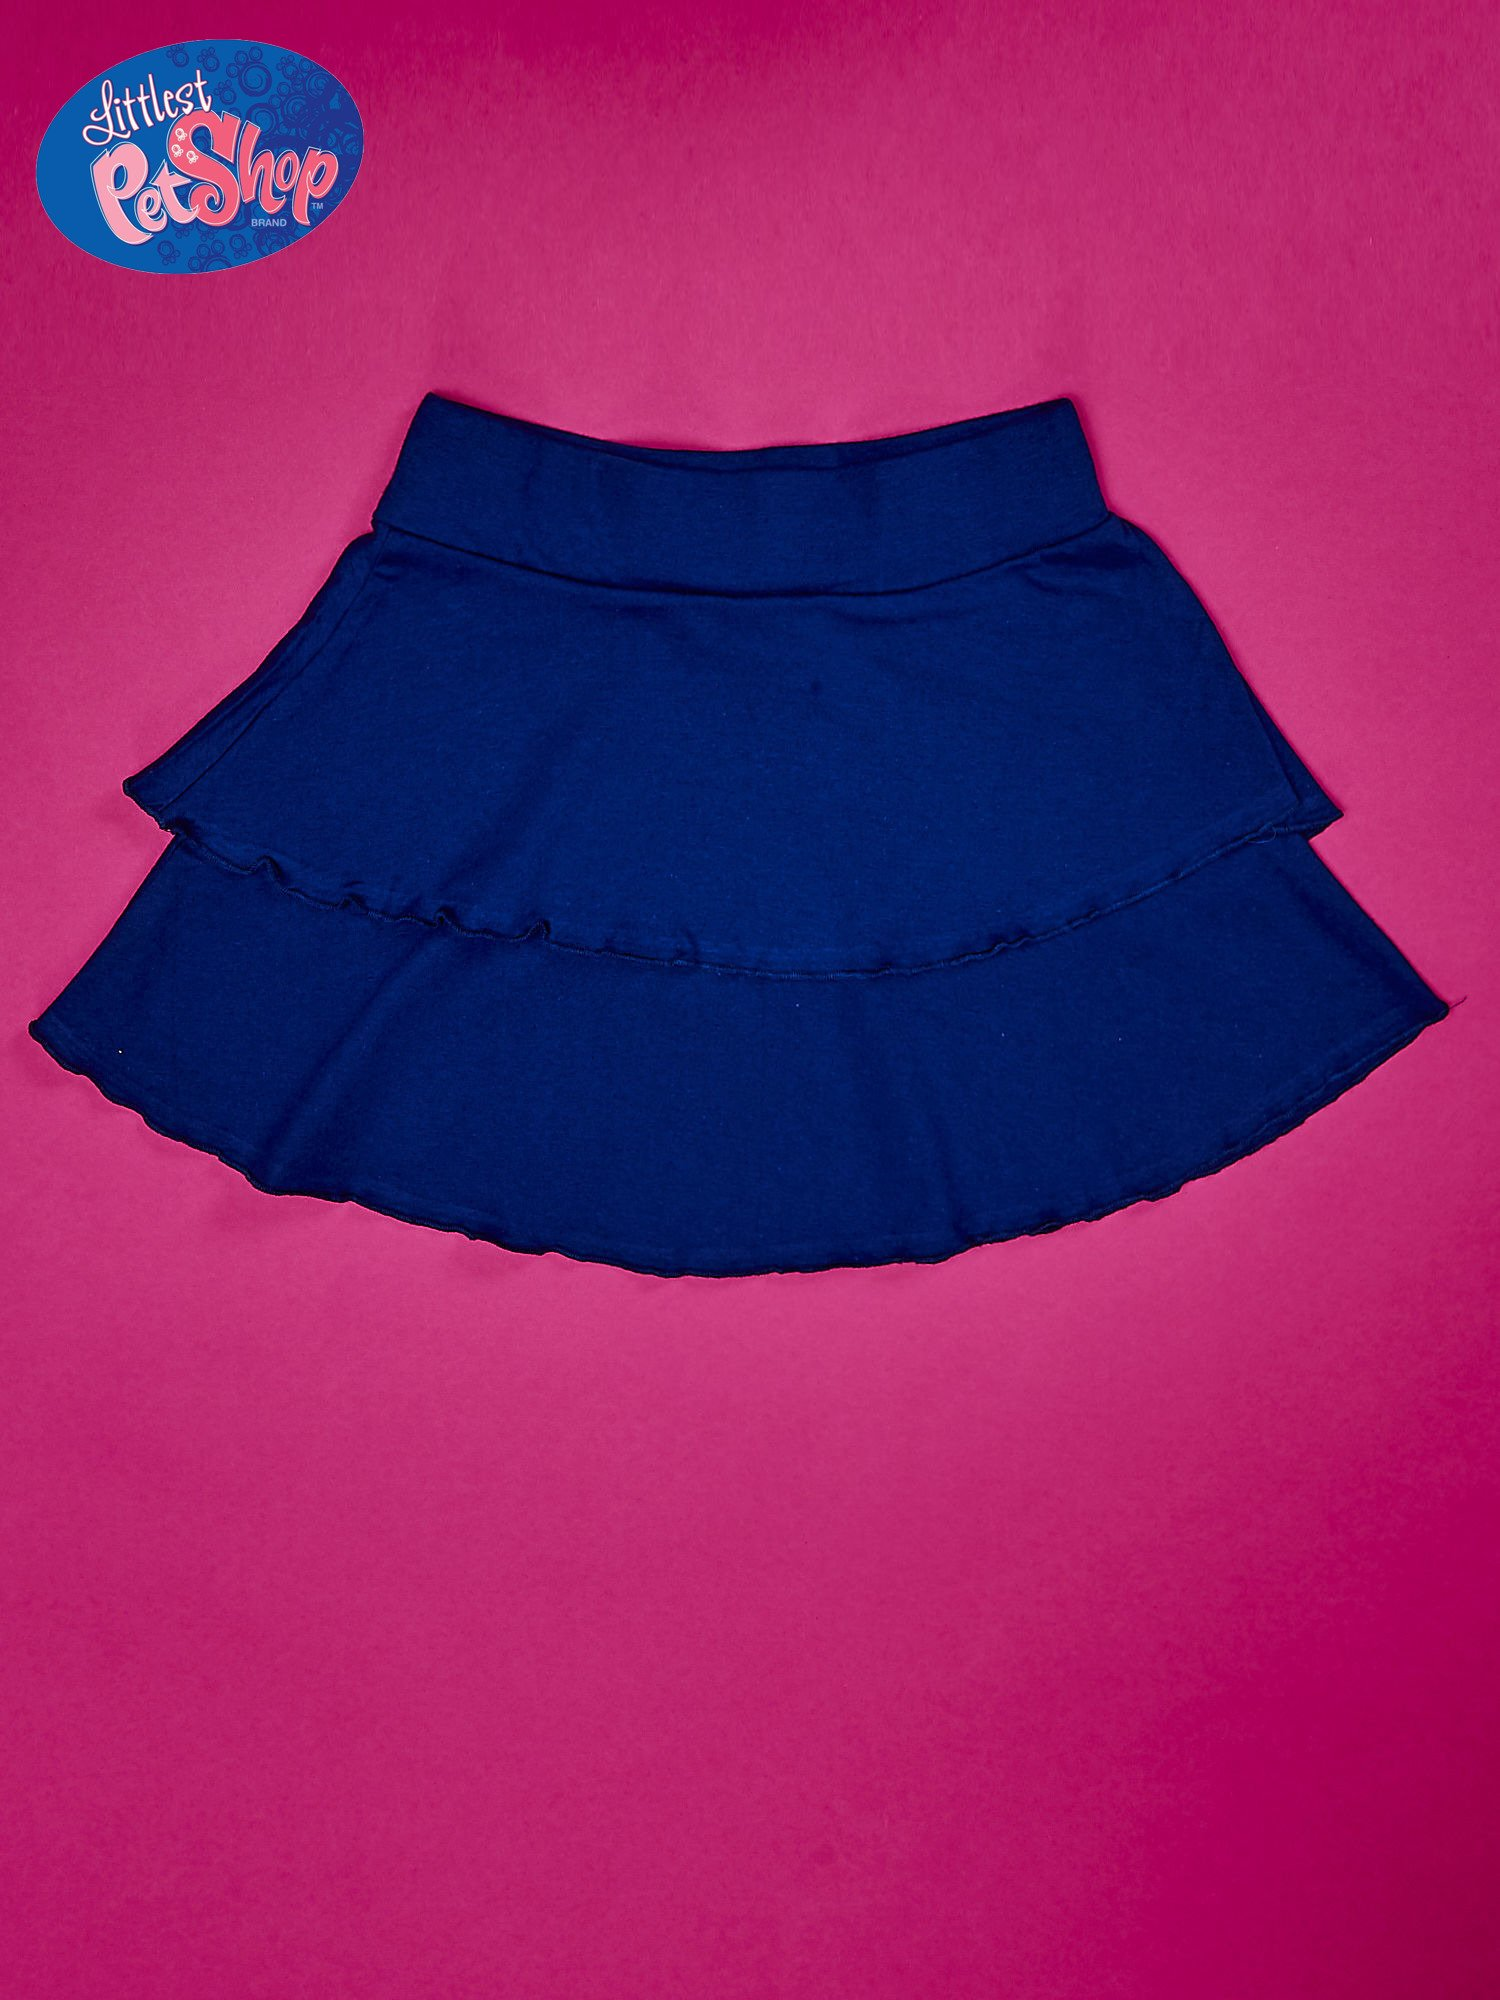 Granatowa spódnica dla dziewczynki LITTLEST PET SHOP                                  zdj.                                  2